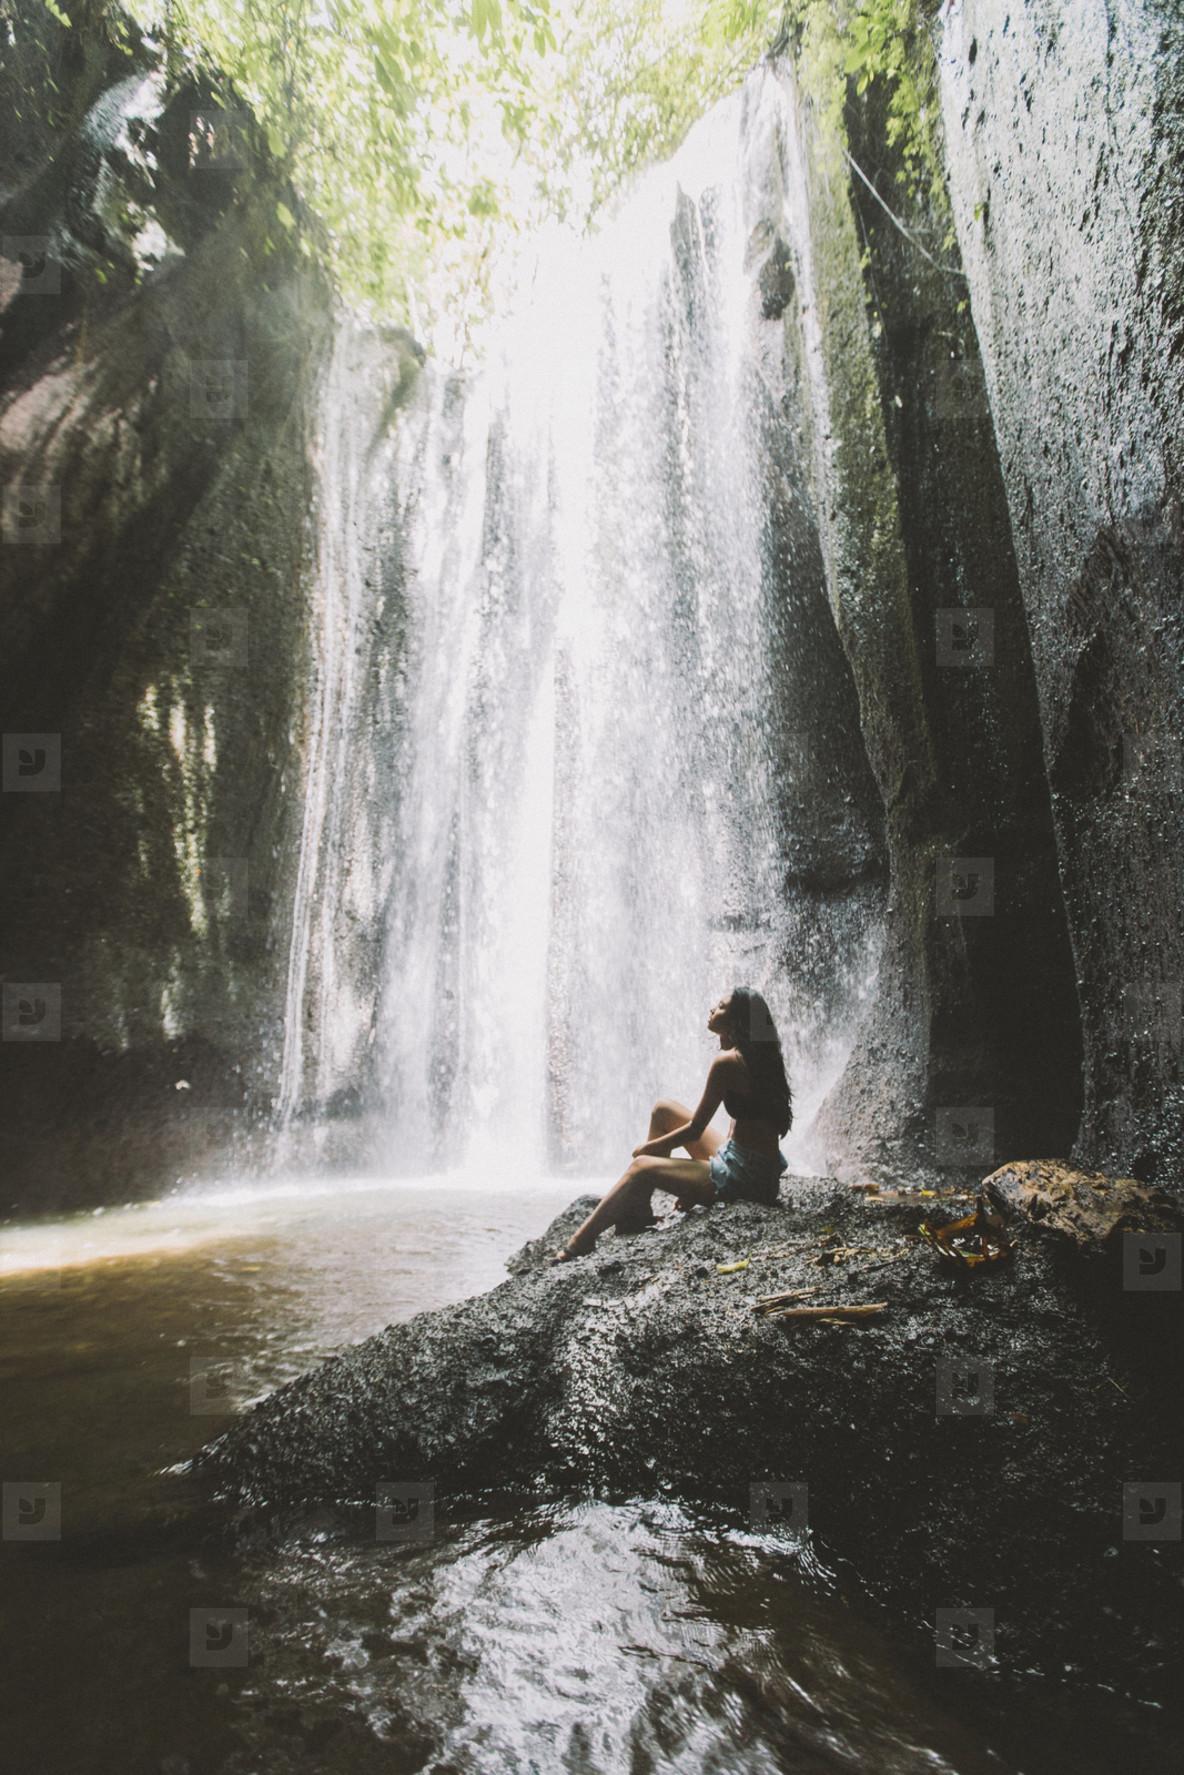 Waterfall in Bali  Indonesia